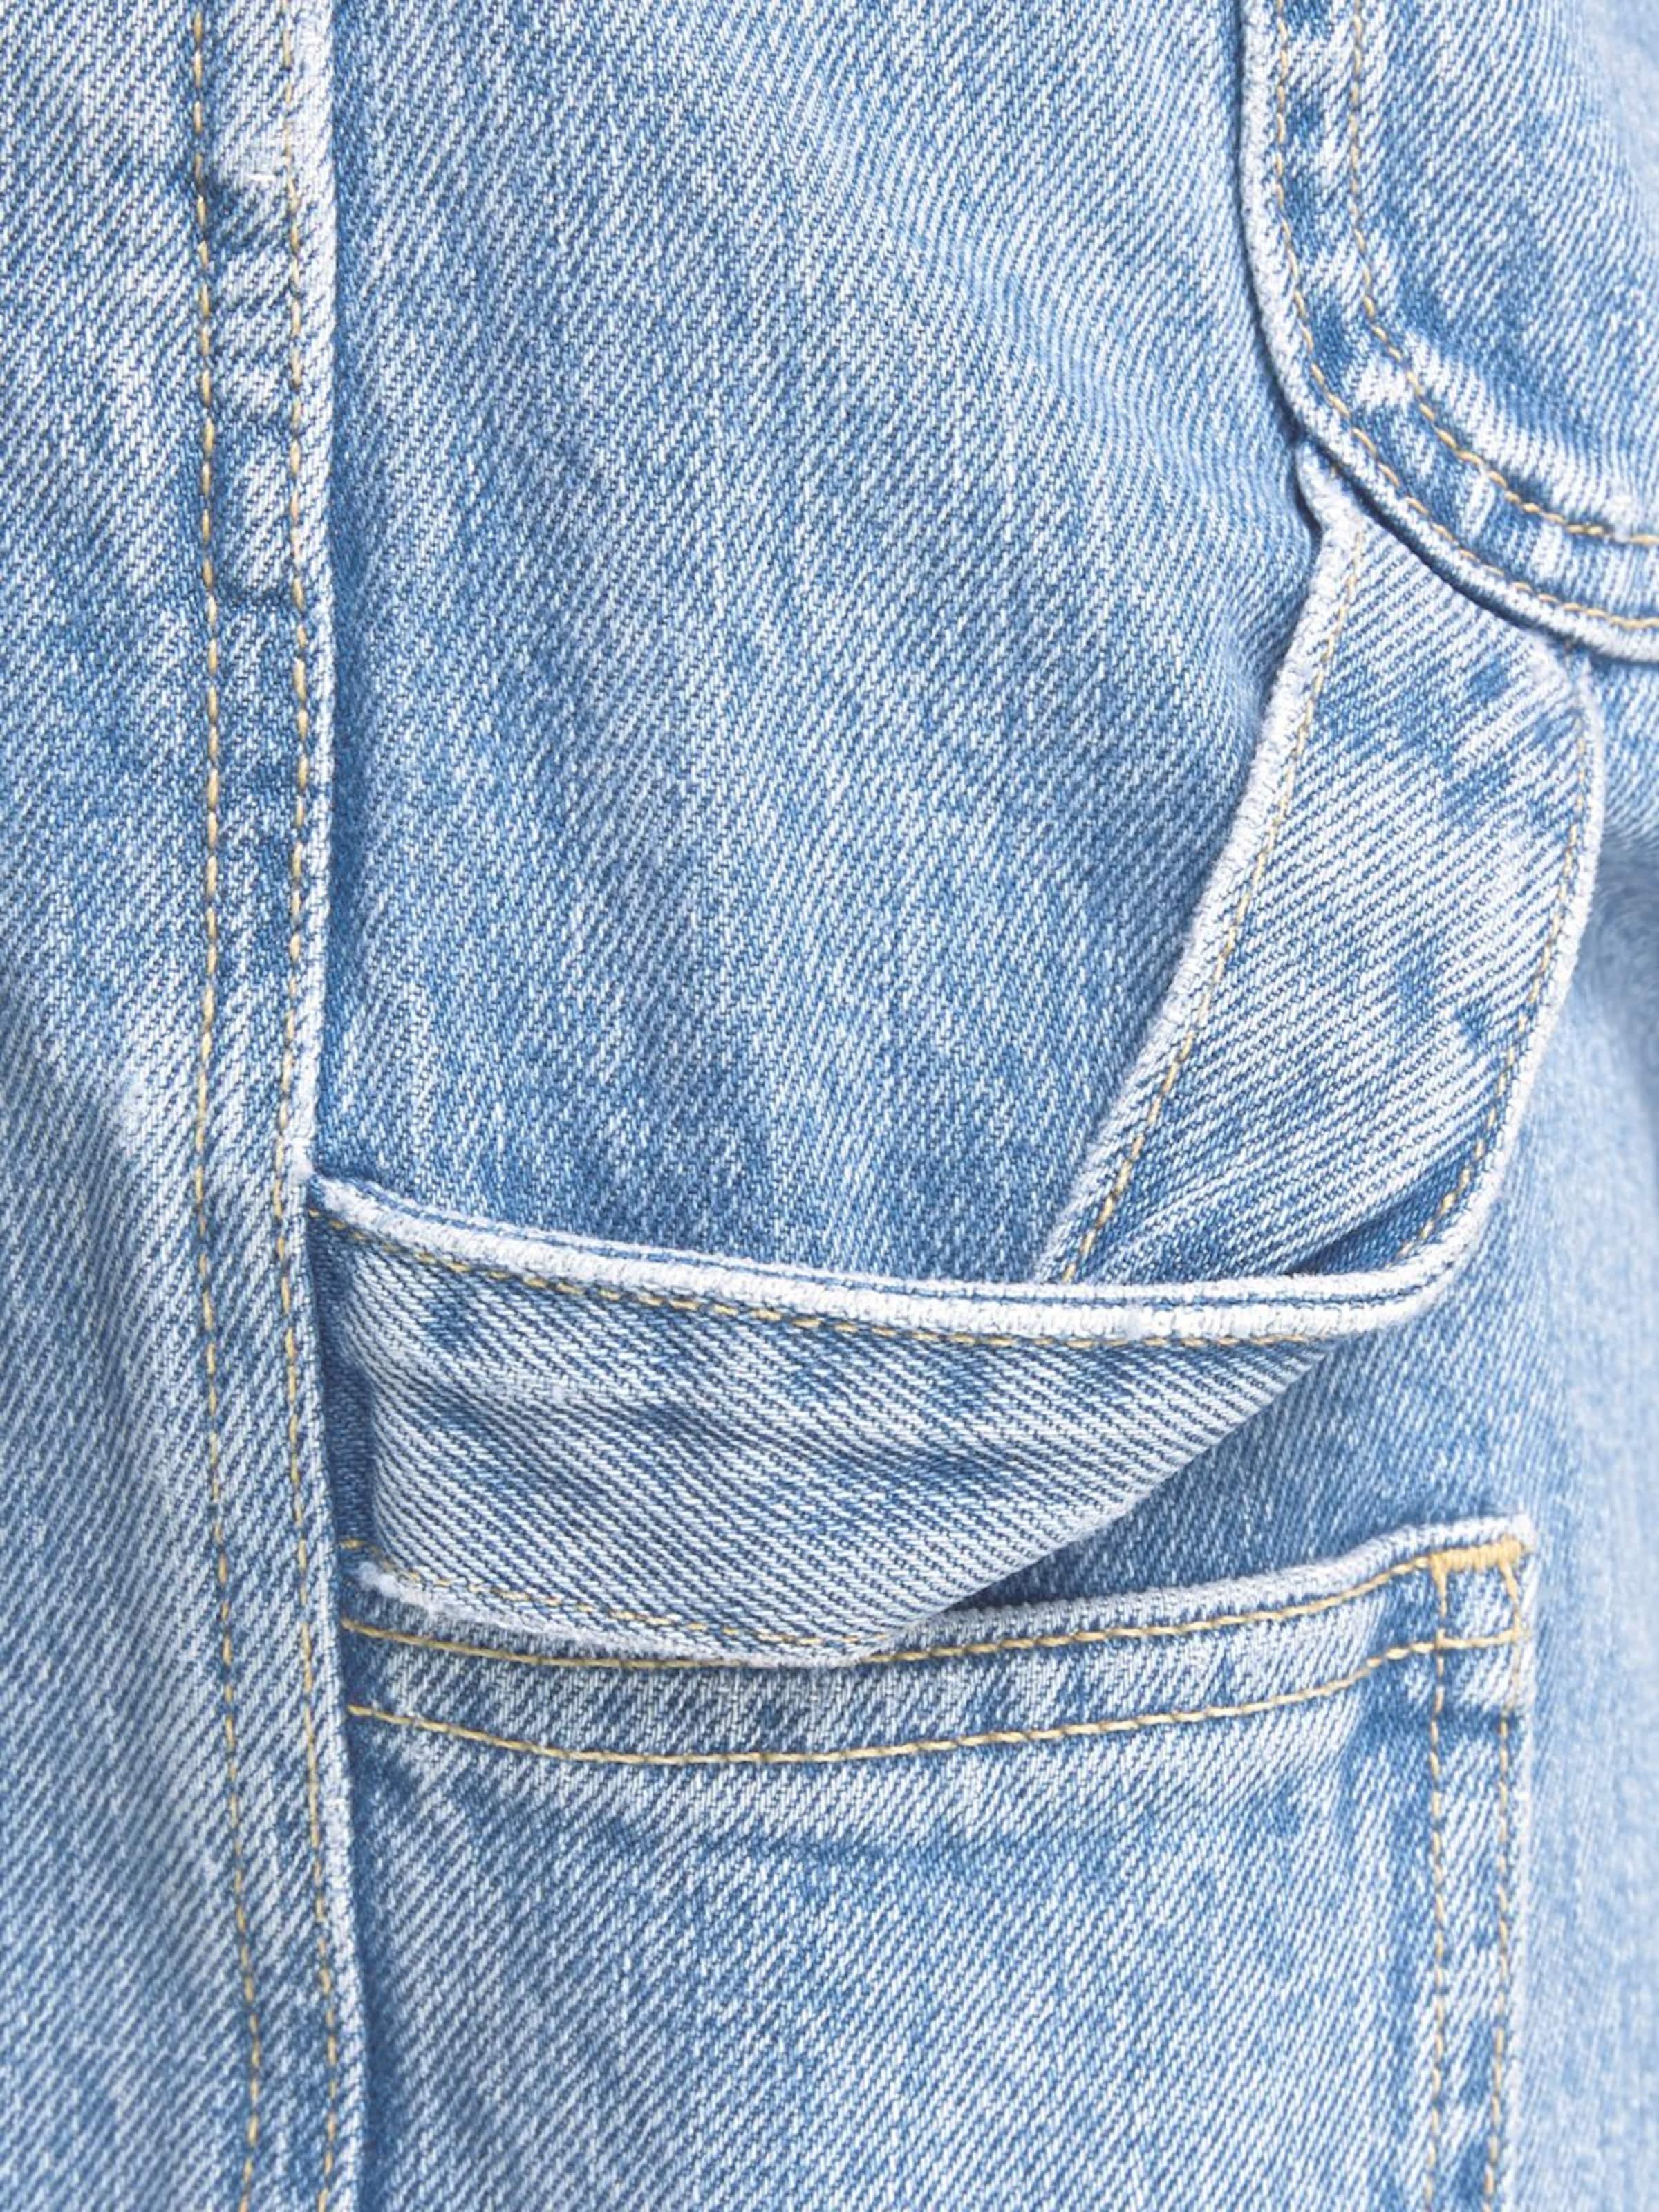 Jones Jeansshorts In Jackamp; Denim Blue FK13luTJc